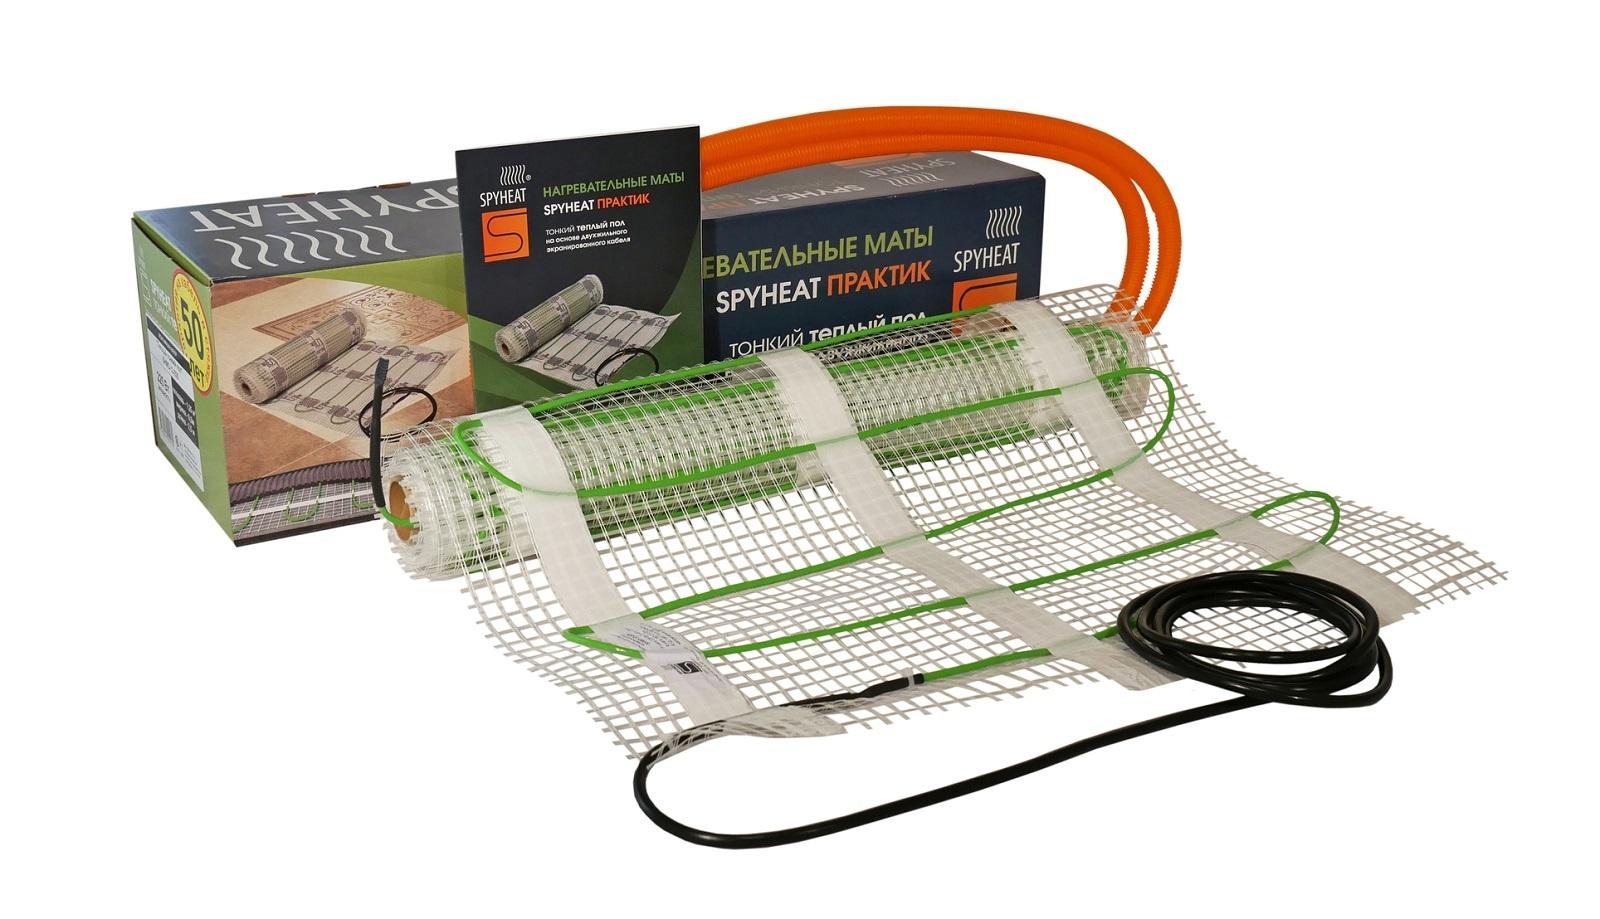 лучшая цена Греющий кабель SPYHEAT SHMD-12-765, зеленый